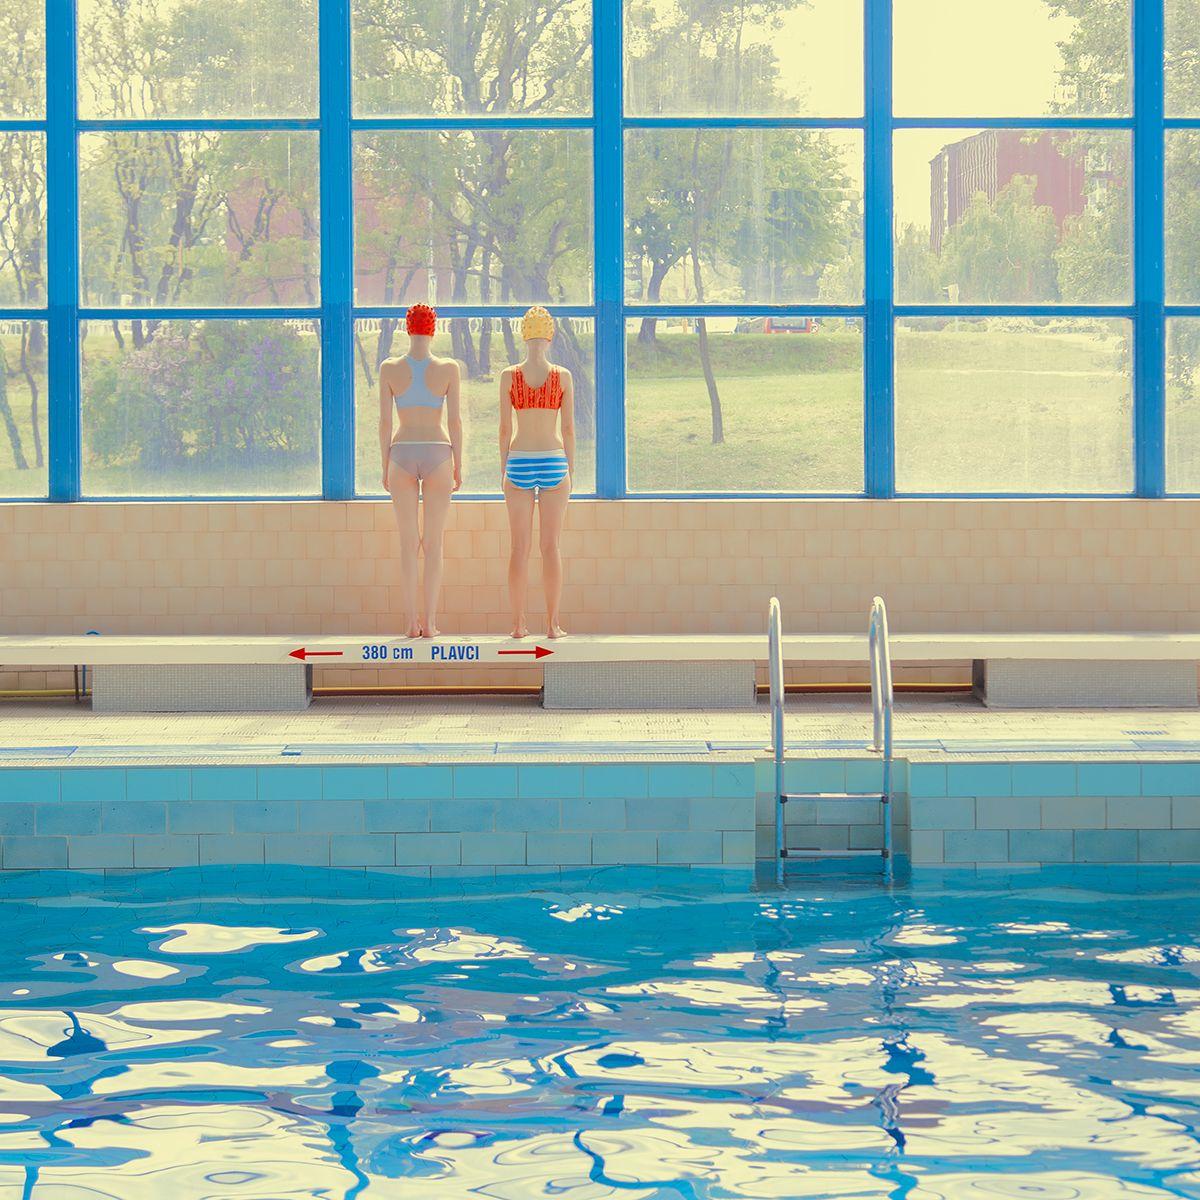 die besten 25 schwimmleitern ideen auf pinterest schwimmbad zubeh r intex schwimmbad und. Black Bedroom Furniture Sets. Home Design Ideas